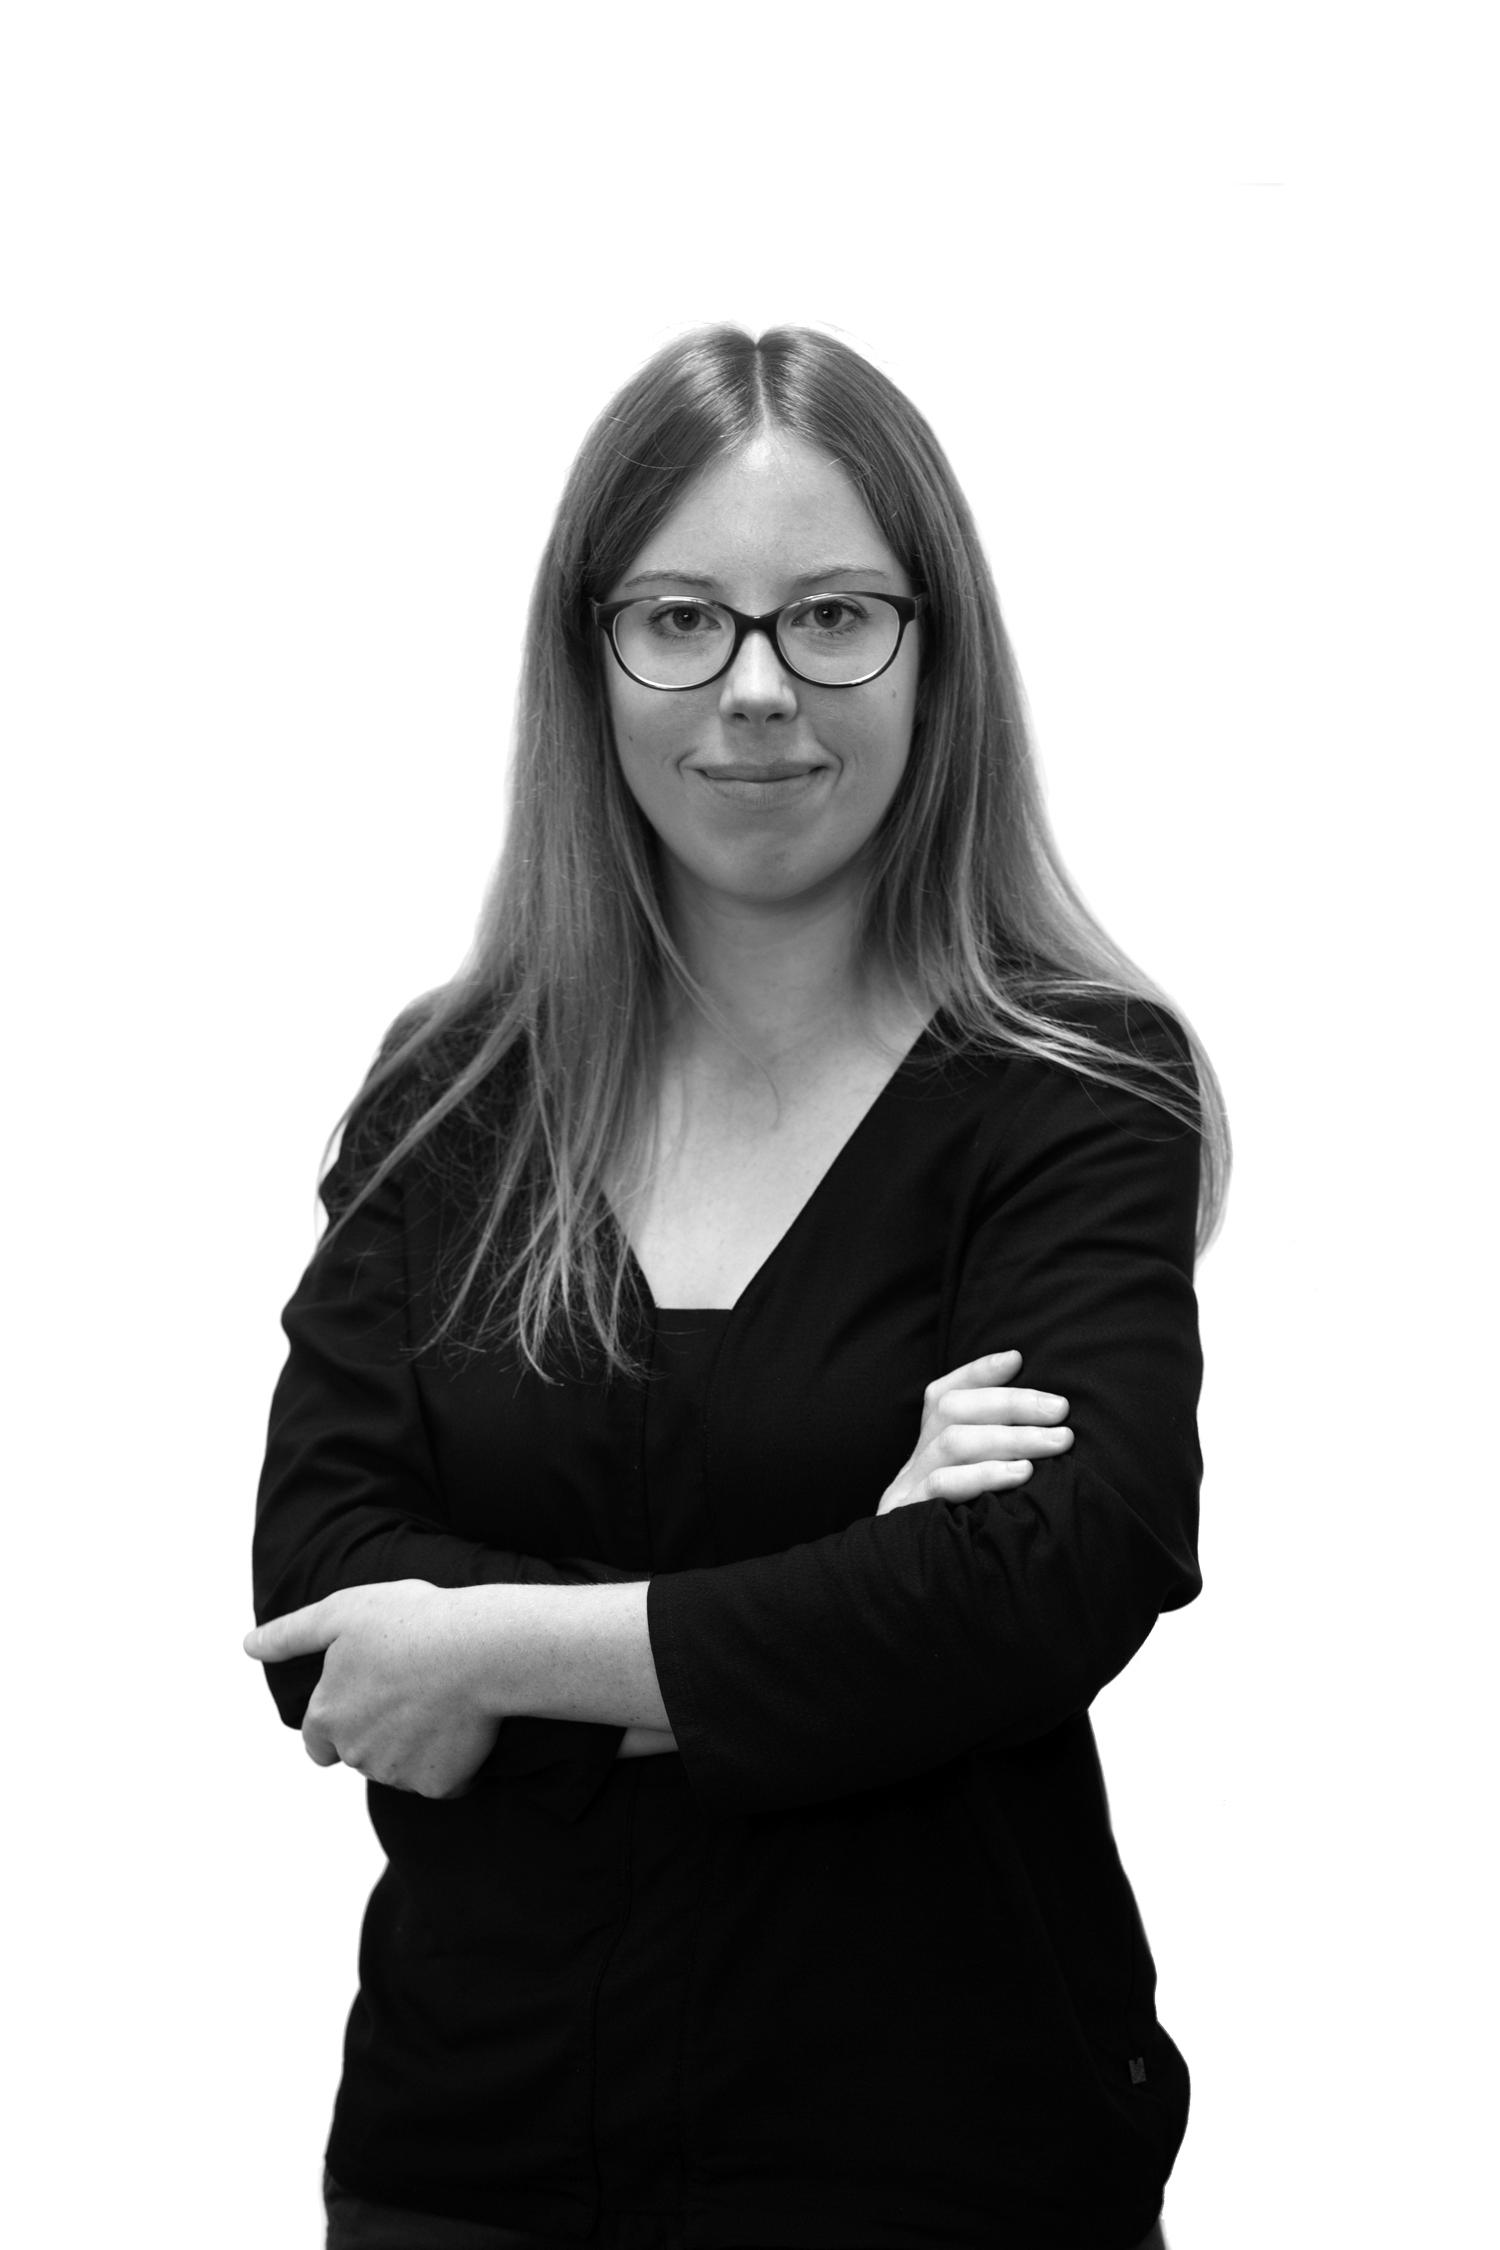 Chloé Van den Berghe   T  +32 (0)2 501 61 19  F  +32 (0)2 514 22 31  E :   c.vandenberghe@wery.legal